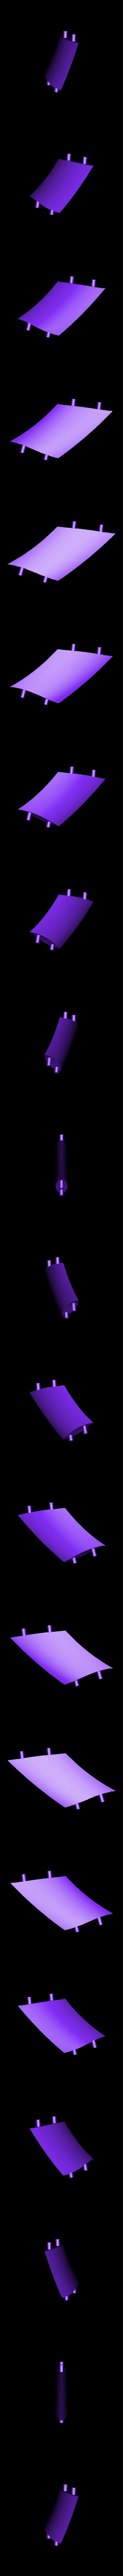 Pa.stl Télécharger fichier STL gratuit Fusée Tintin (Tintin Rocket) • Design pour impression 3D, tiih